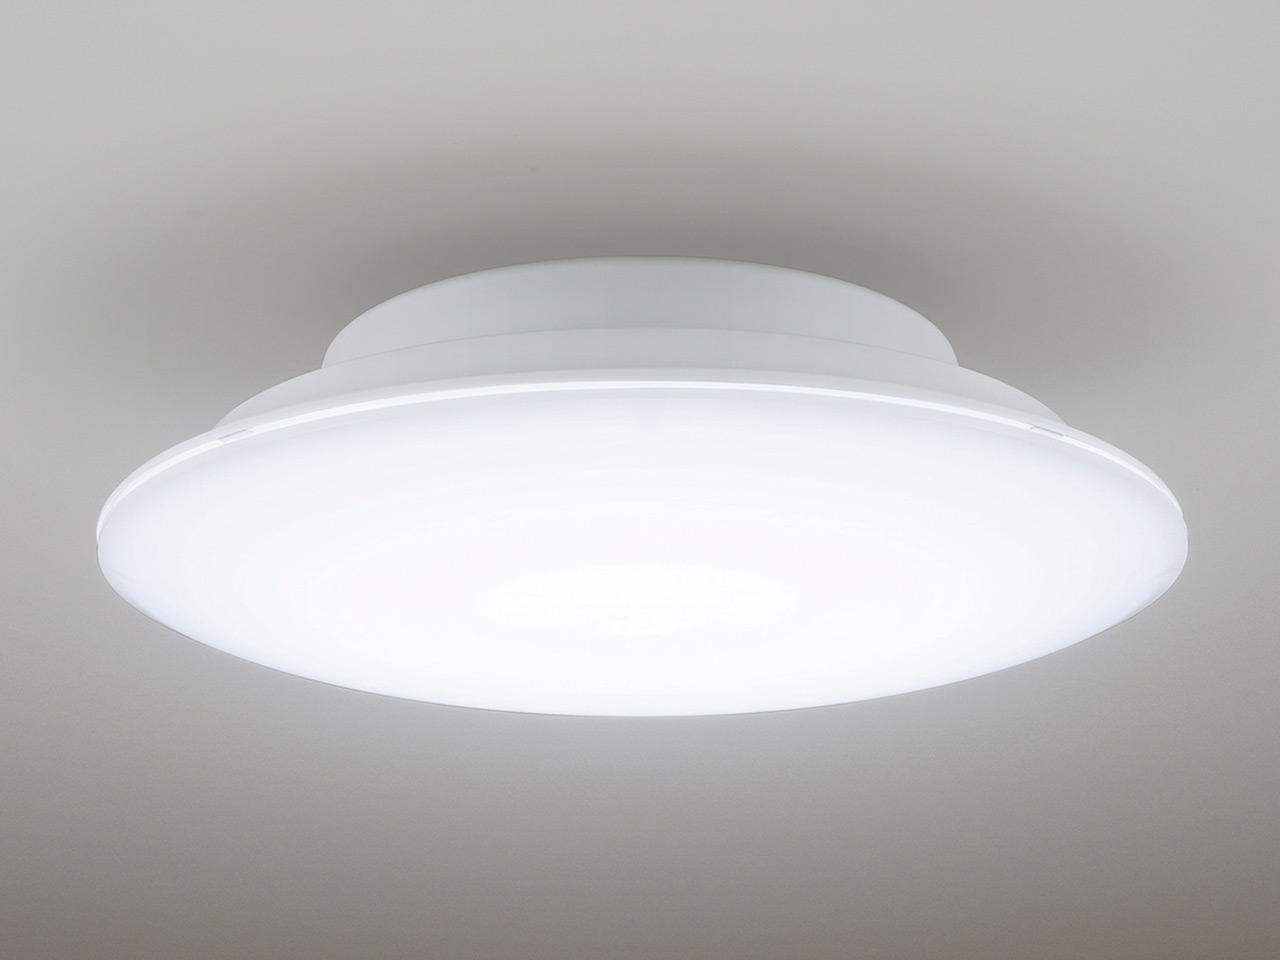 パルックLEDシーリングライト LE-PC08D